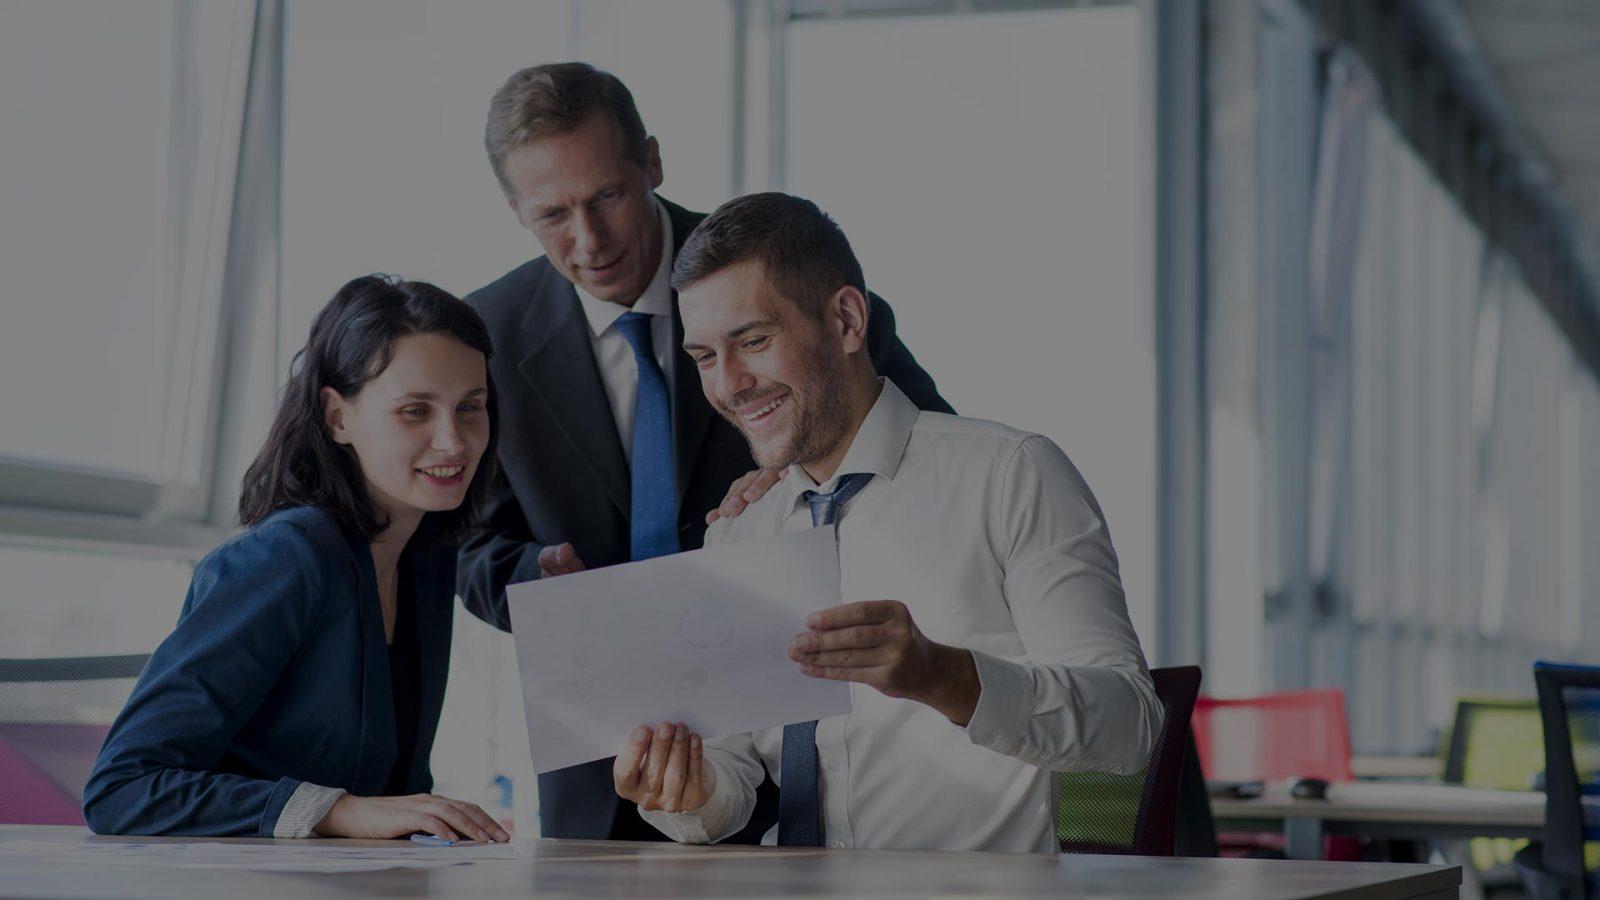 предоставляет аккредитивы для различных сфер бизнеса